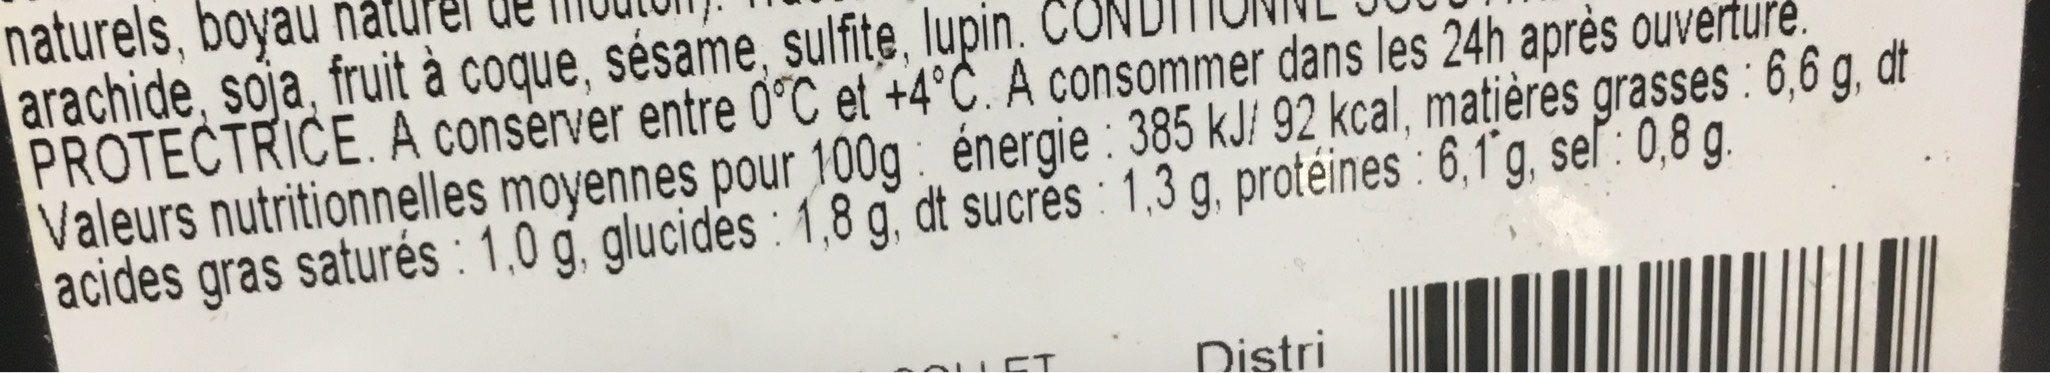 Couscous viande et semoule - Informations nutritionnelles - fr